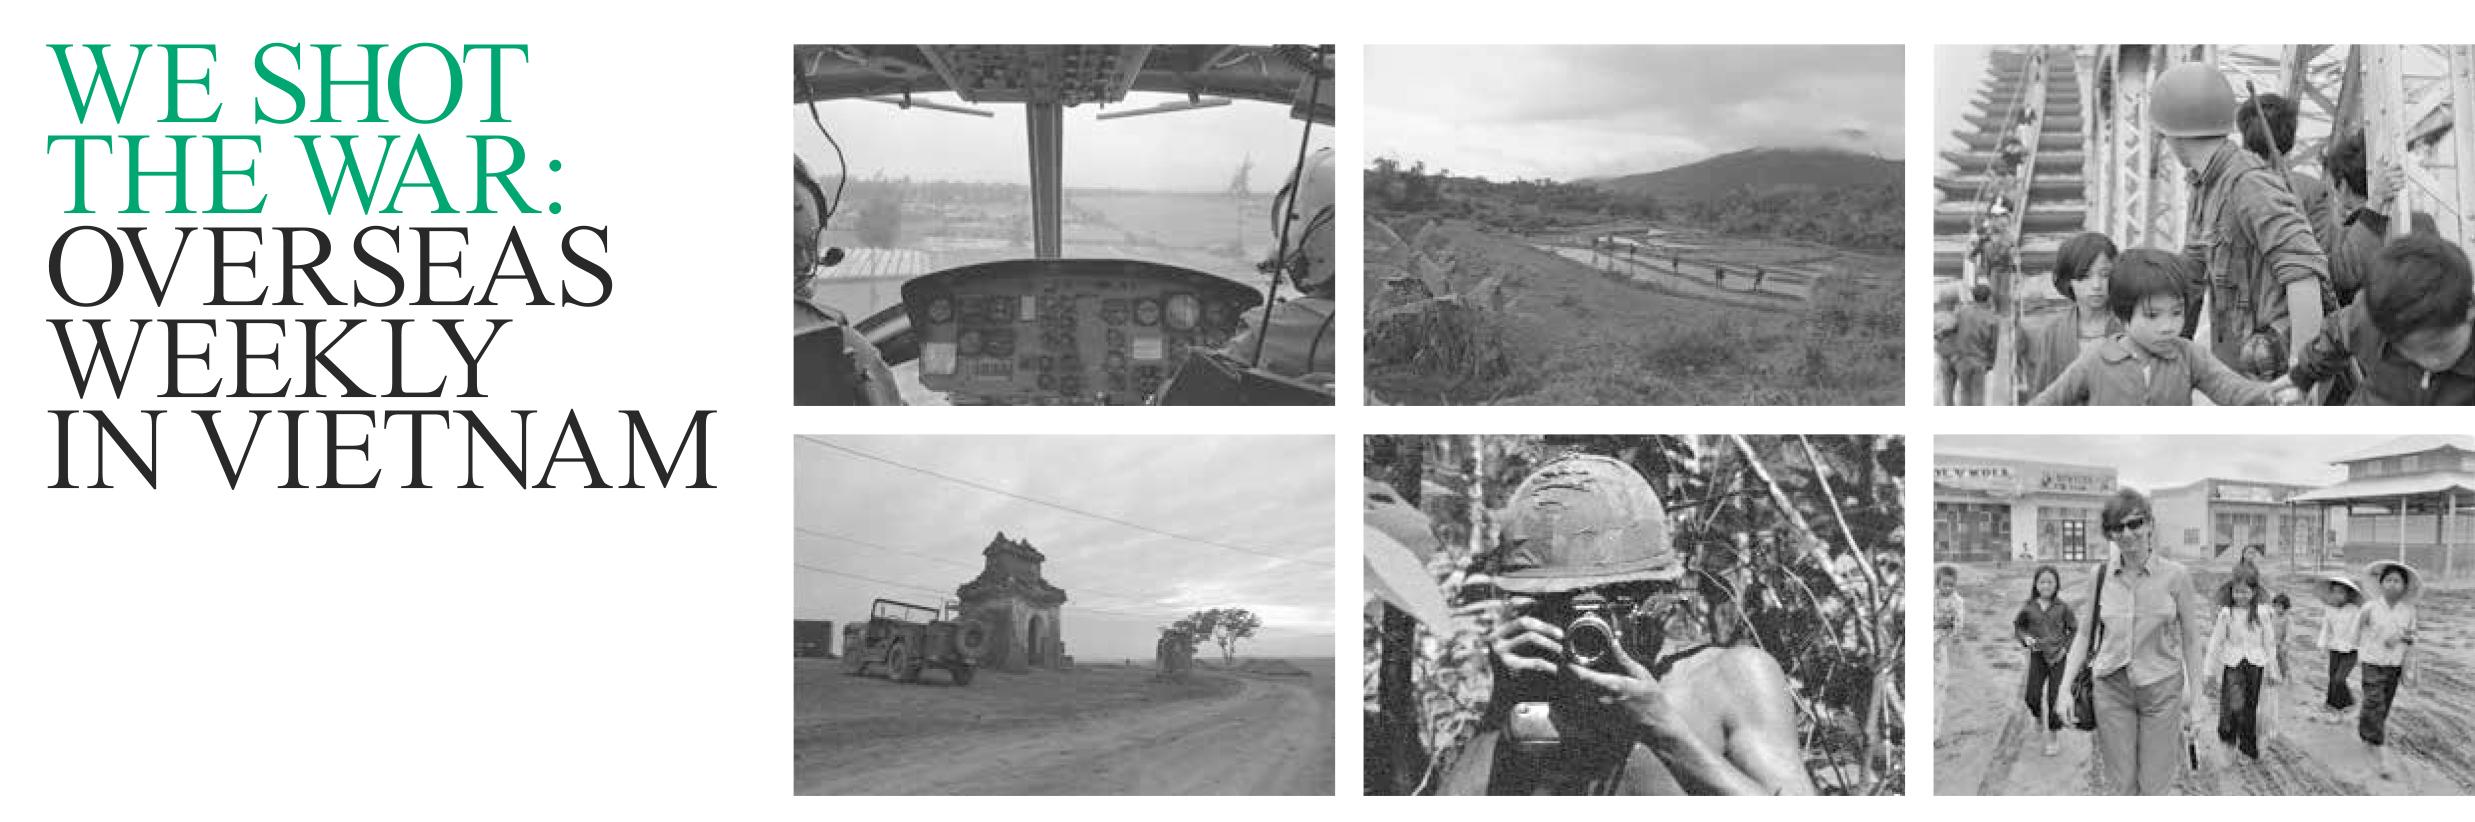 We Shot The War: Overseas Weekly In Vietnam | Hoover Institution